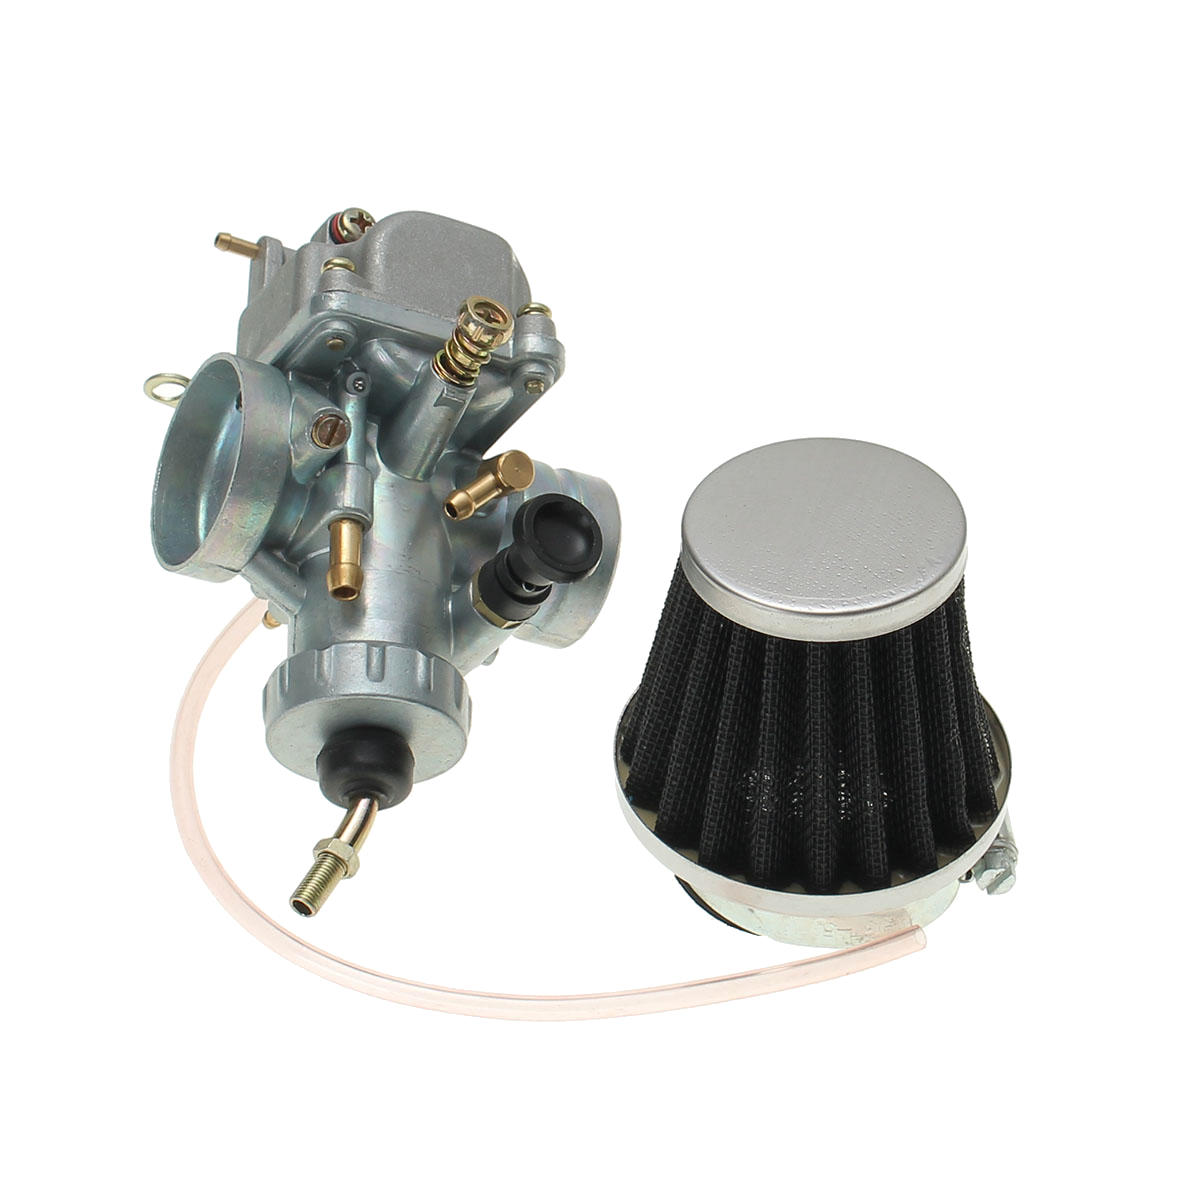 Jets Carburetor Repair Kit Yamaha Blaster 200 1988-2006 Carb